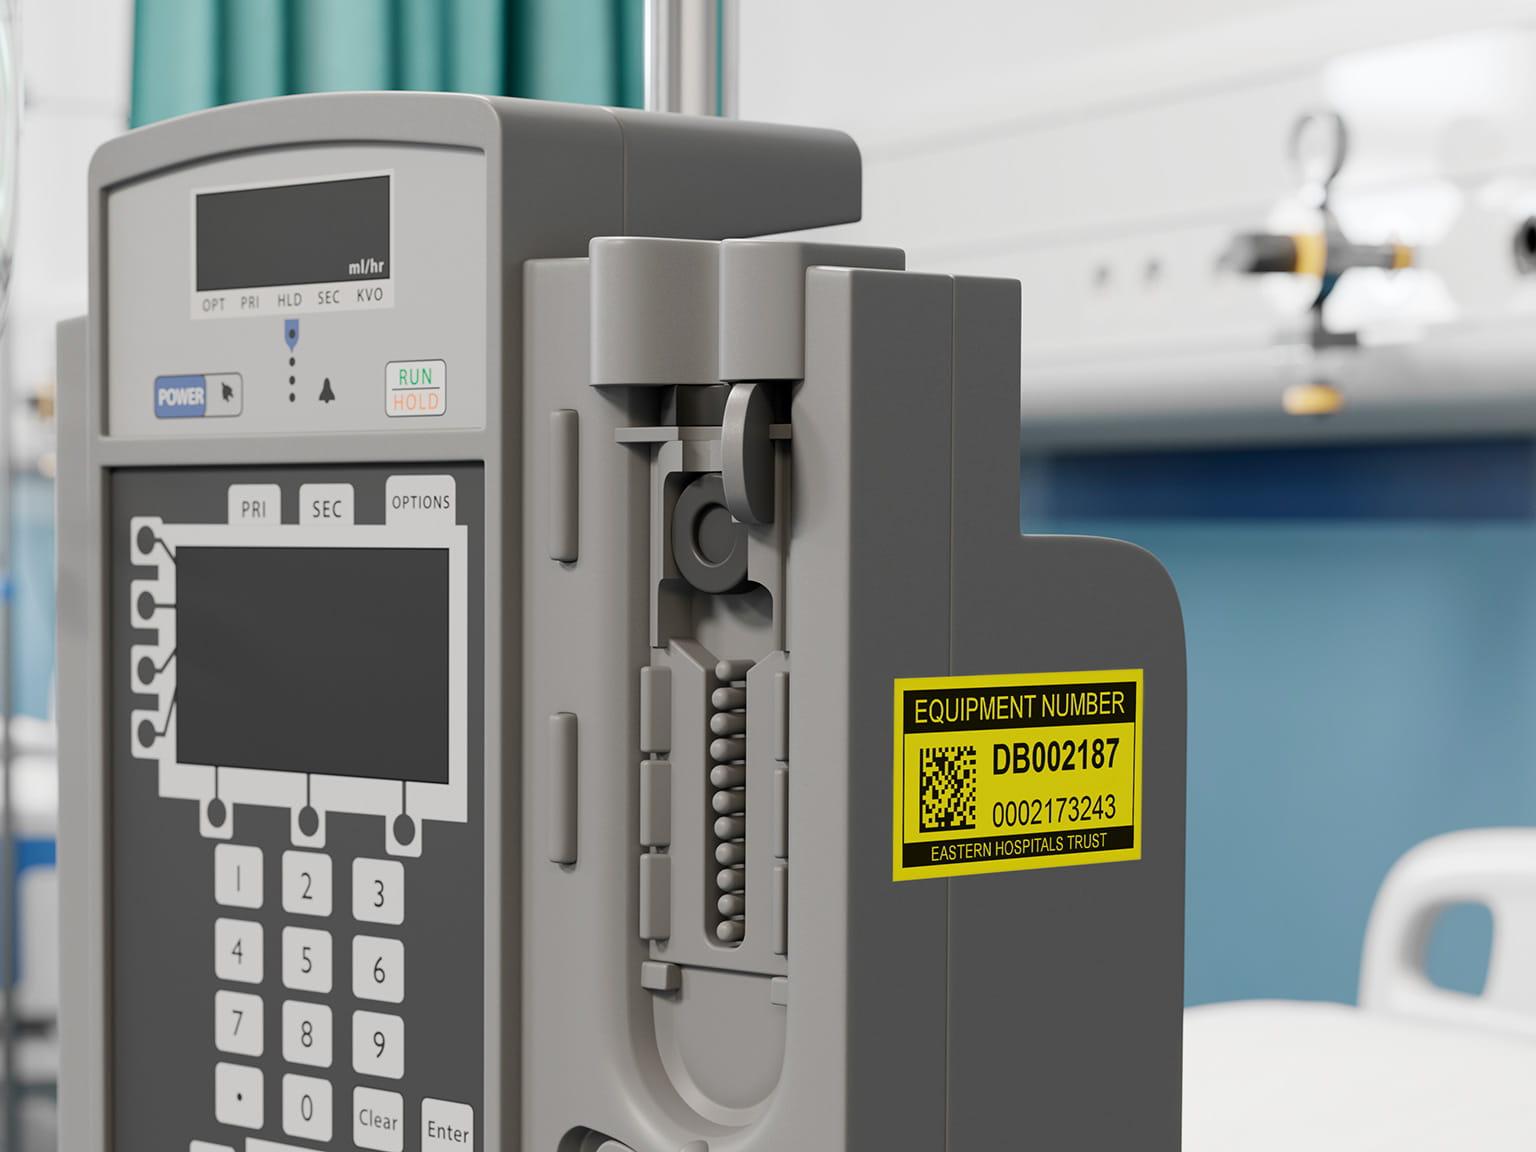 štítok Brother P-touch čierna na žltej na medicínskom zariadení